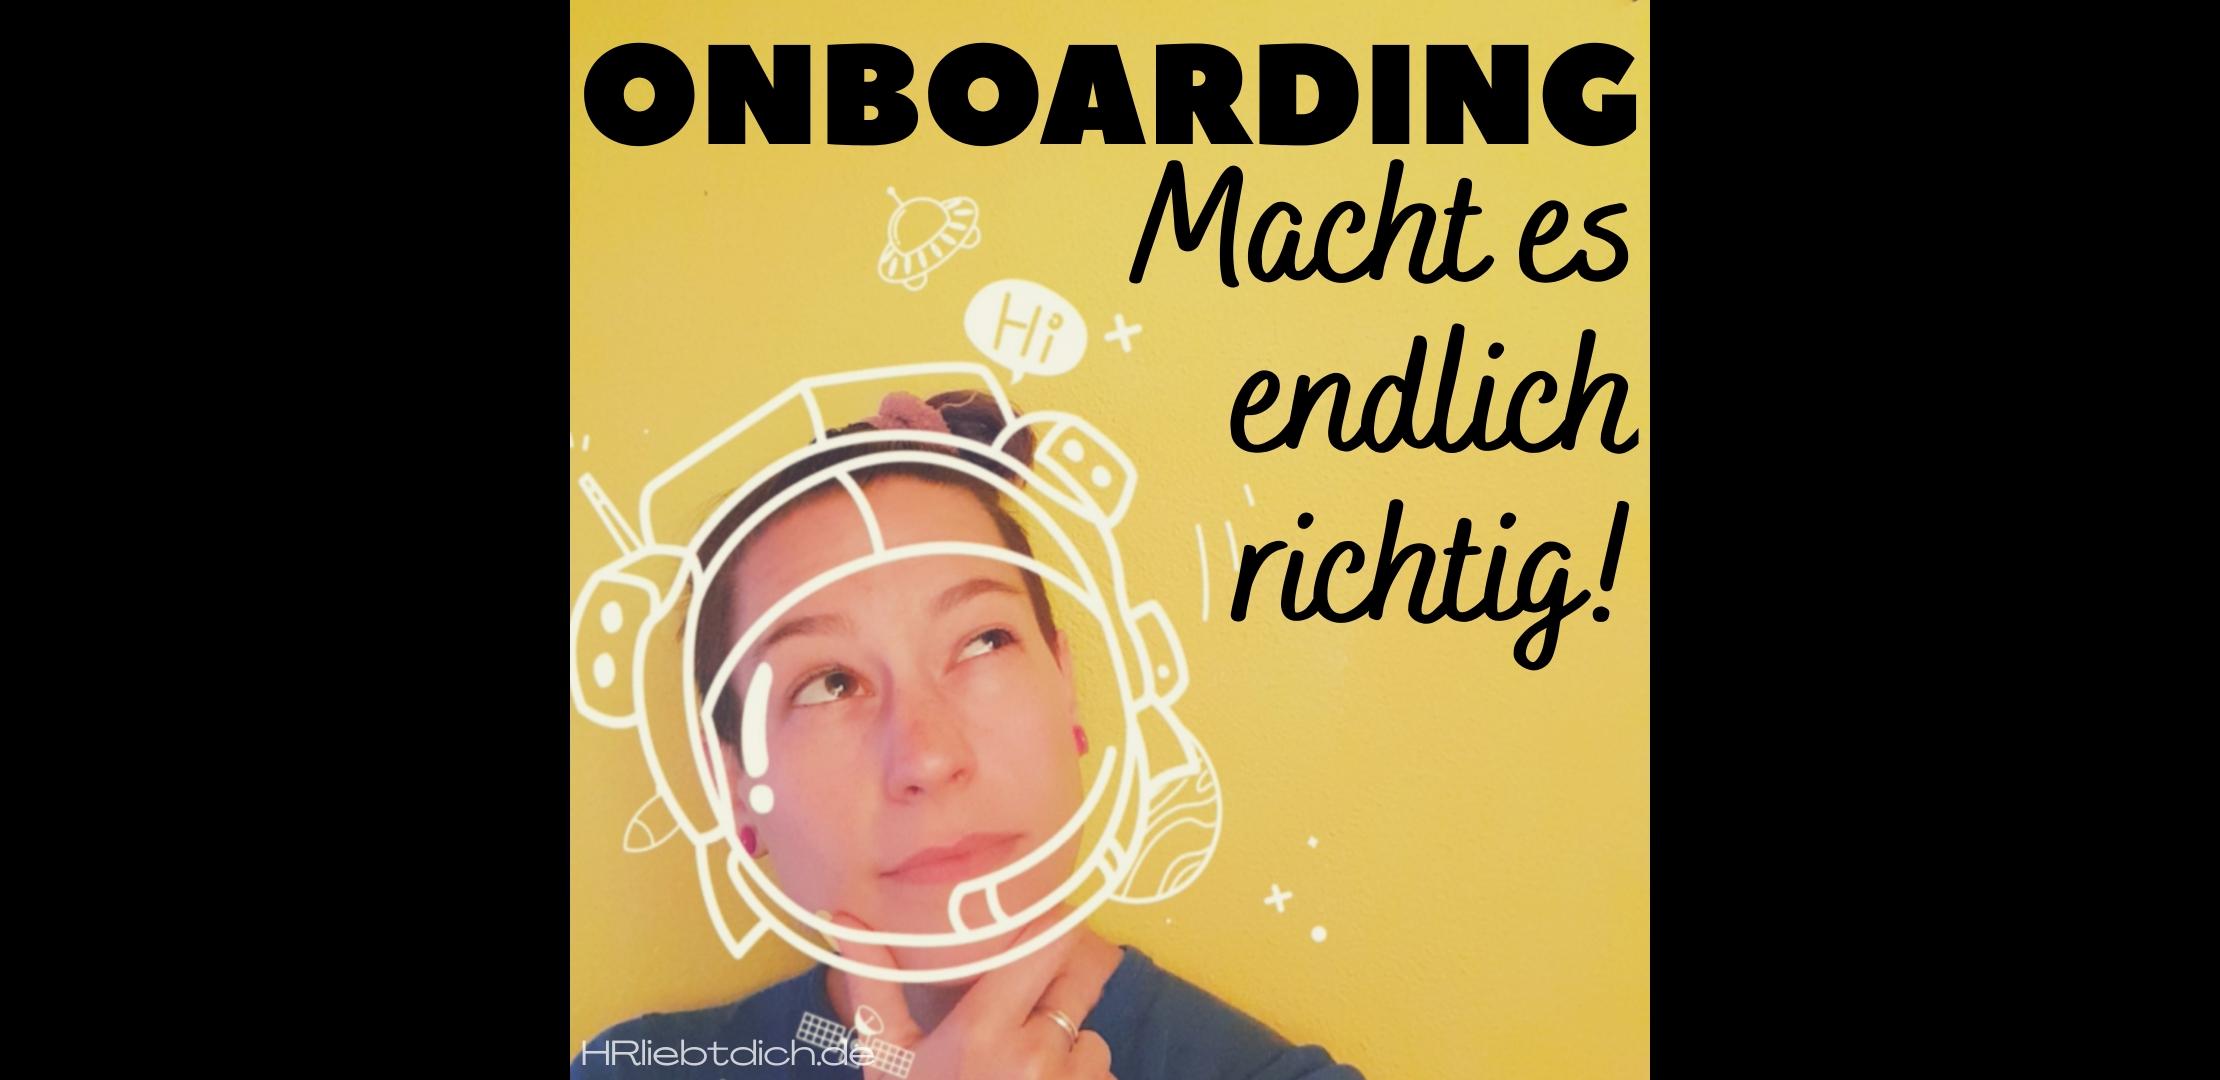 Onboarding – macht es endlich richtig!